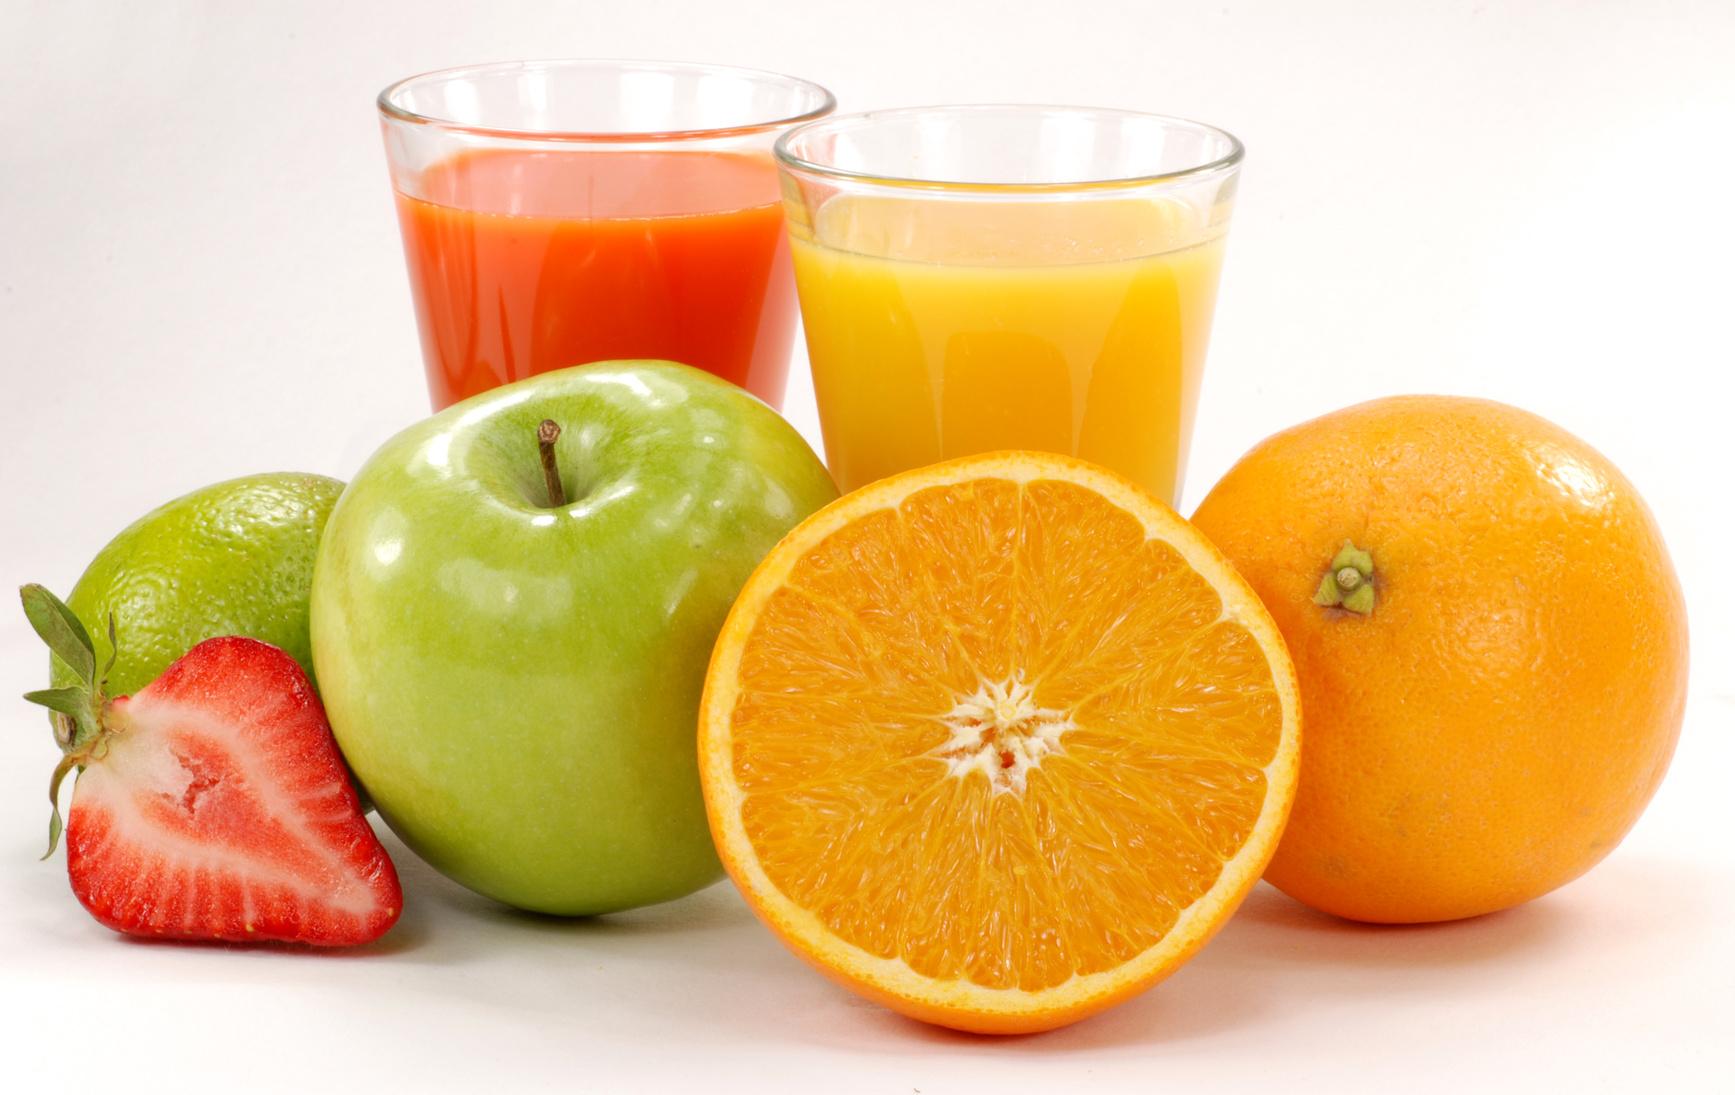 比生鲜水果还新鲜?硅谷最神秘的果汁初创公司 Juicero 获1.2亿美元融资